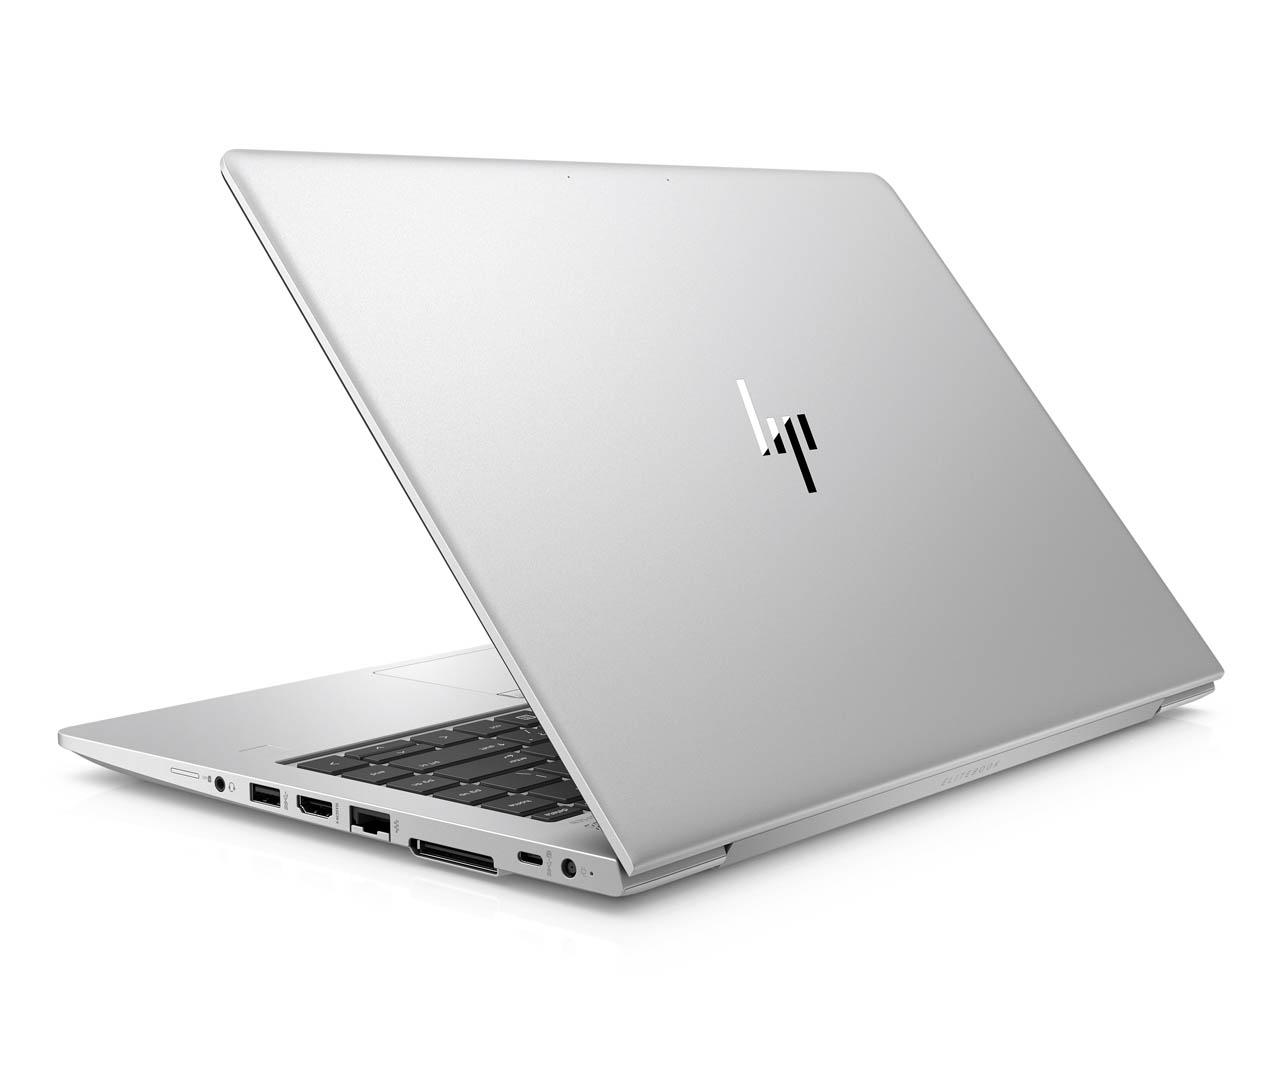 HP annuncia gli EliteBook 700 G6 e l'HP mt45 Mobile Thin Client 14